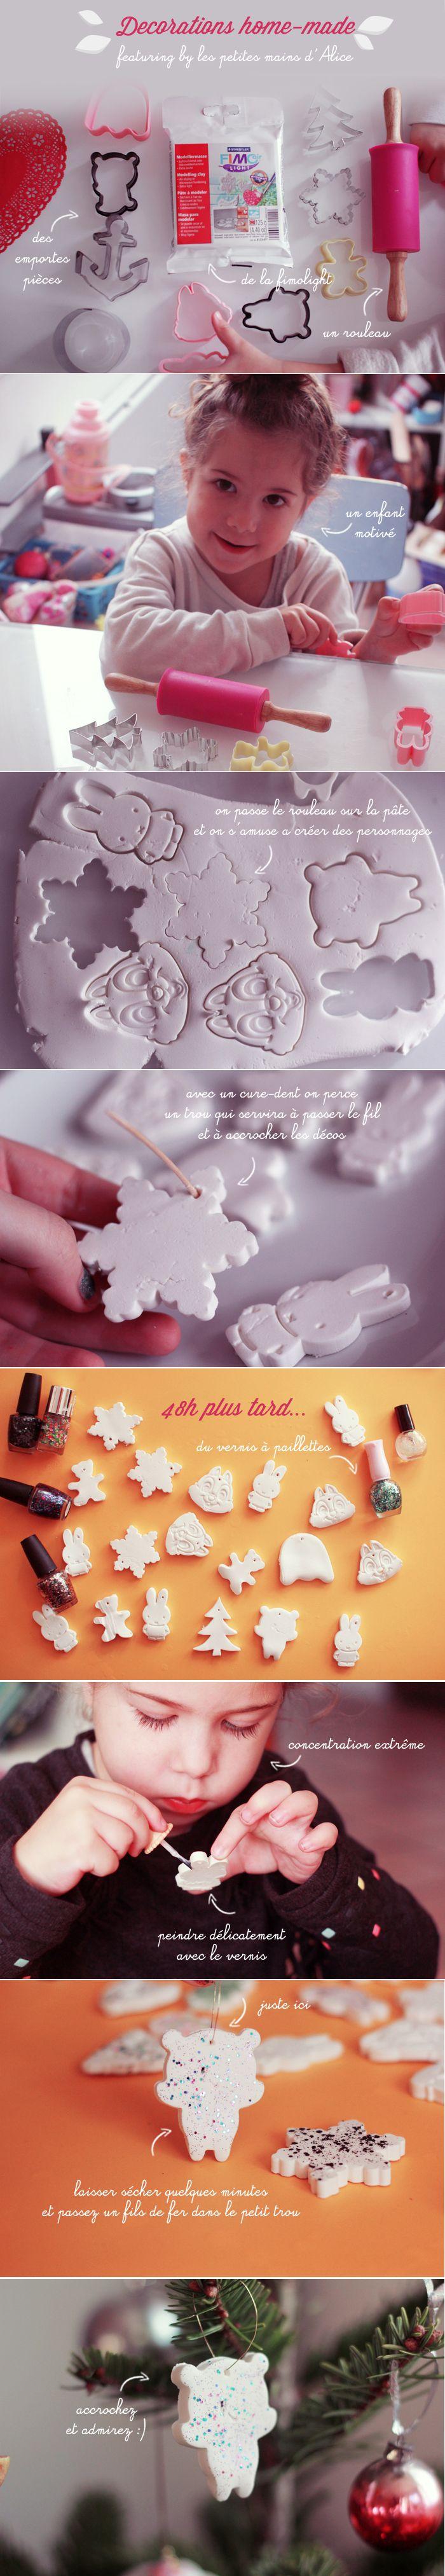 DIY : décorations home-made pour votre sapin – Poulette Magique Pour Noël prochain, des Miffy partout!